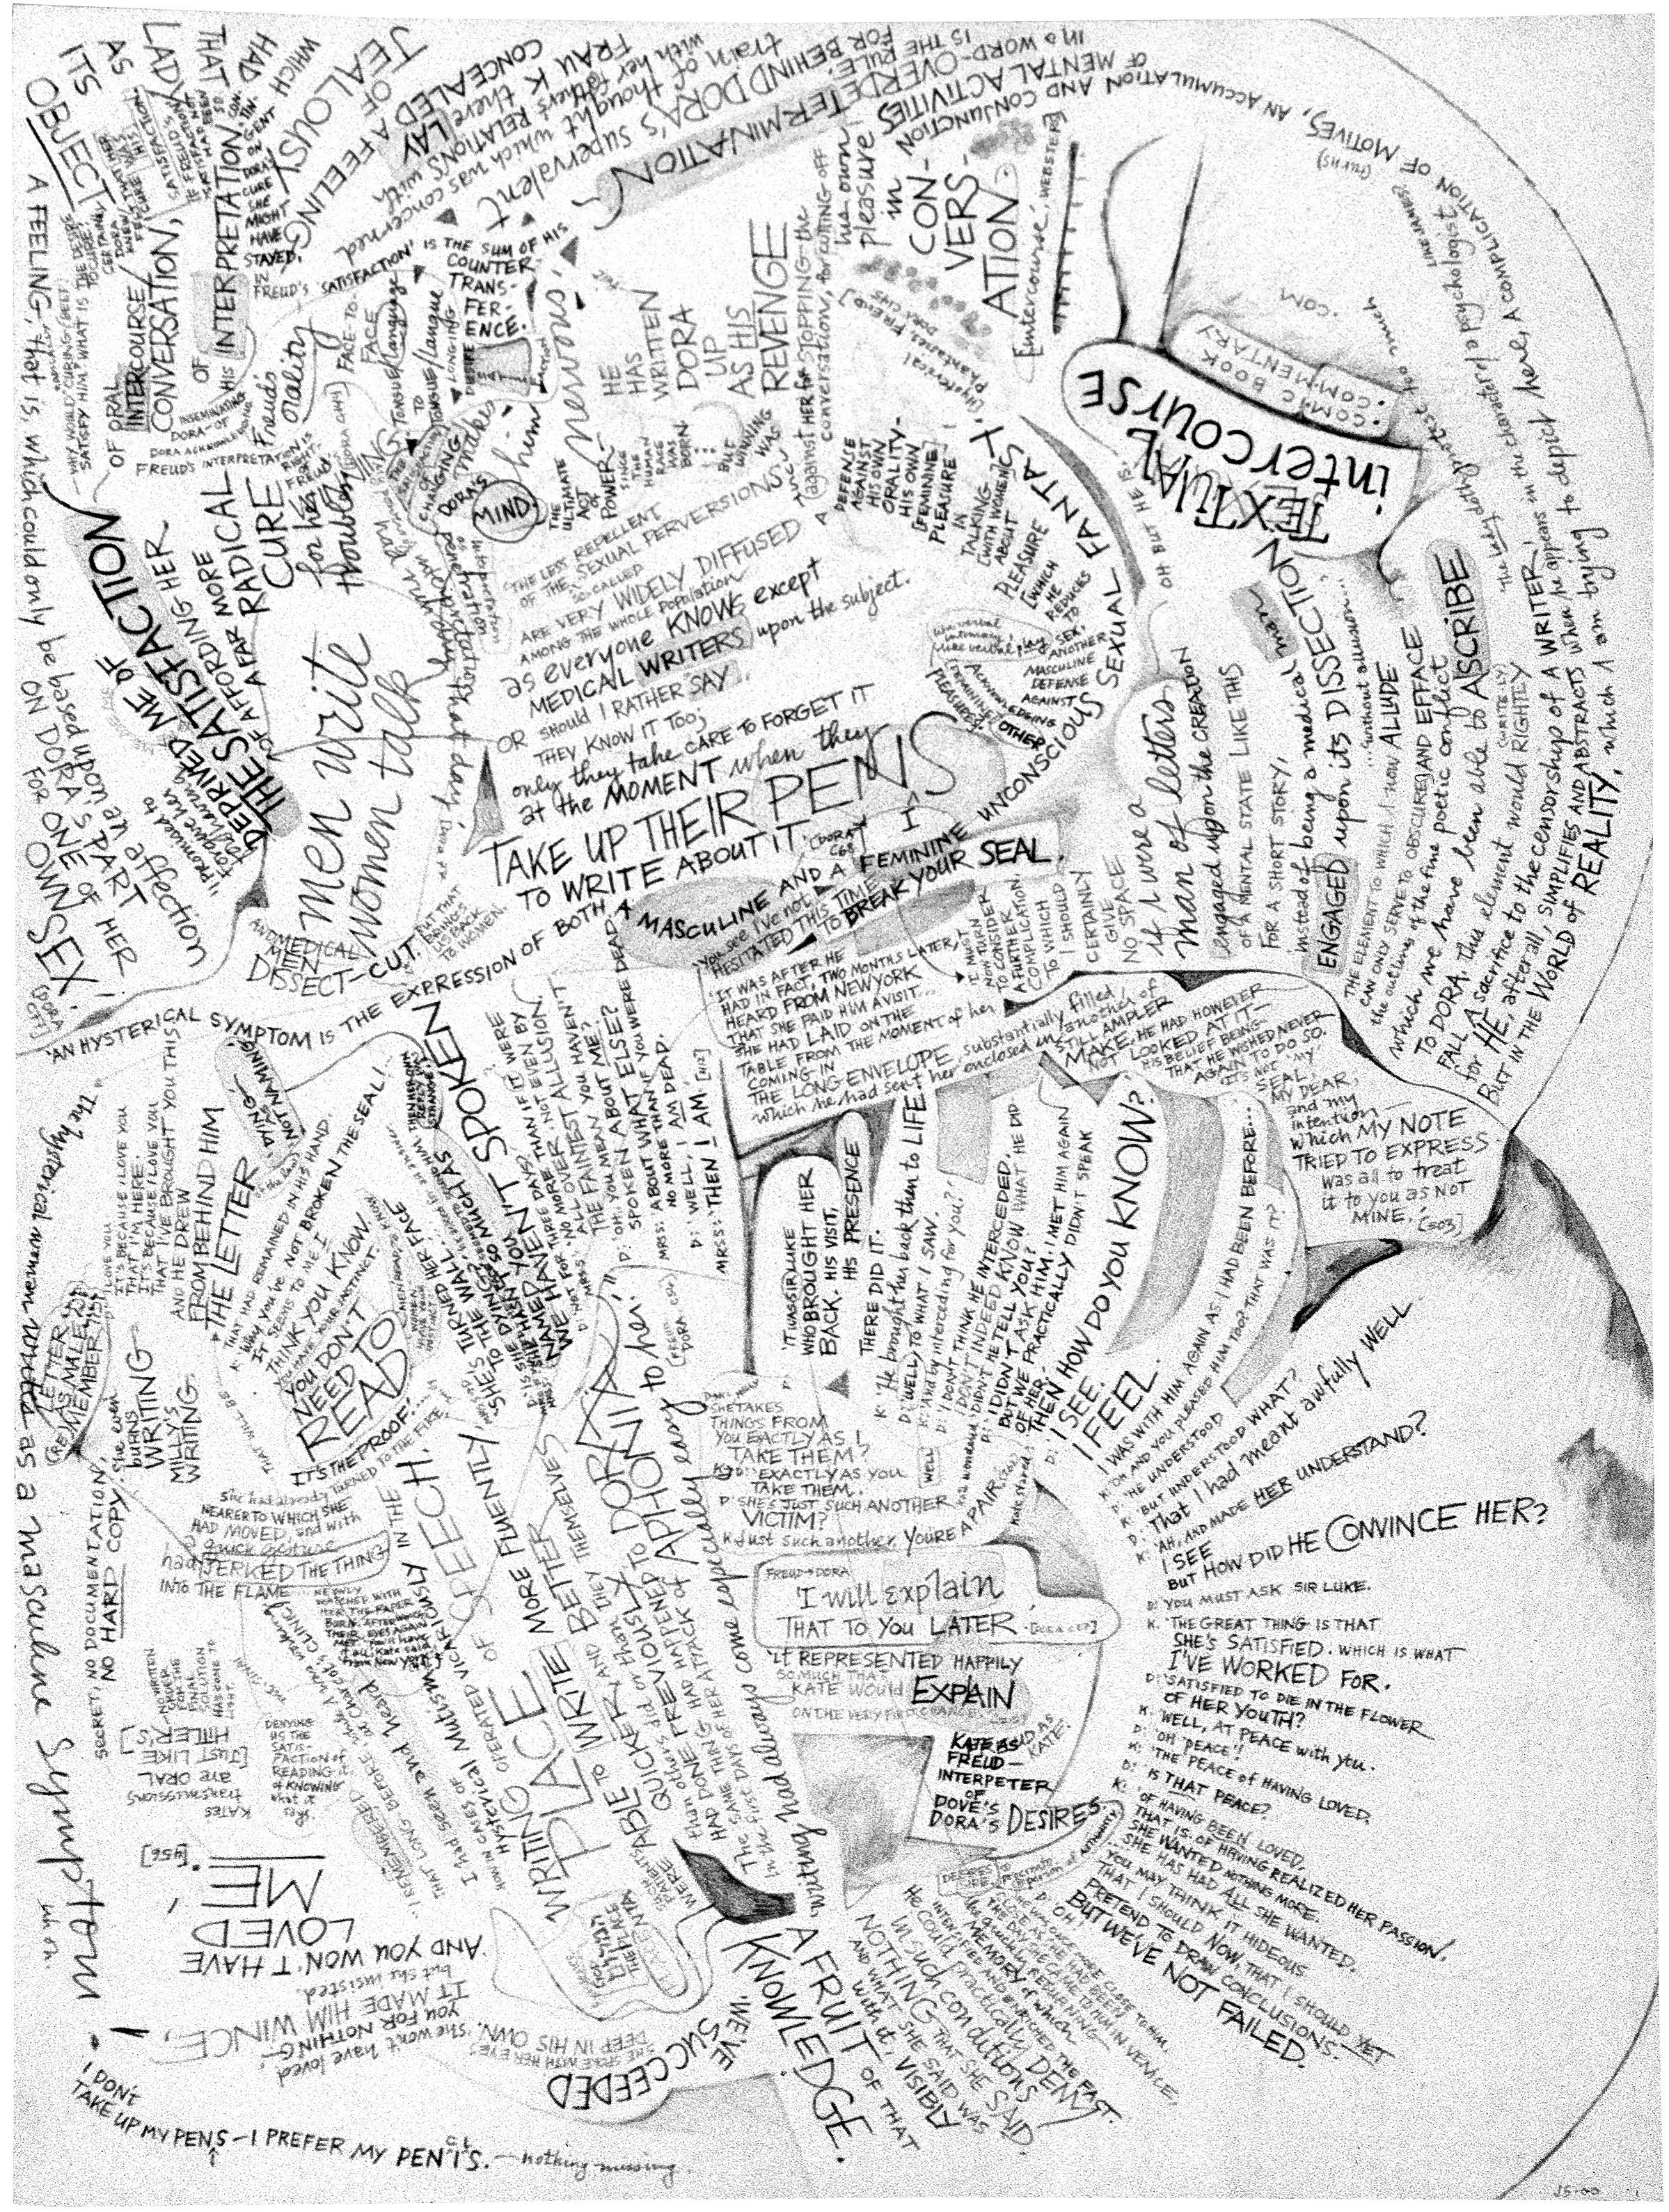 textual intercourse , graphite on aquarelle arches cold press paper, 10x14 inches, 2000